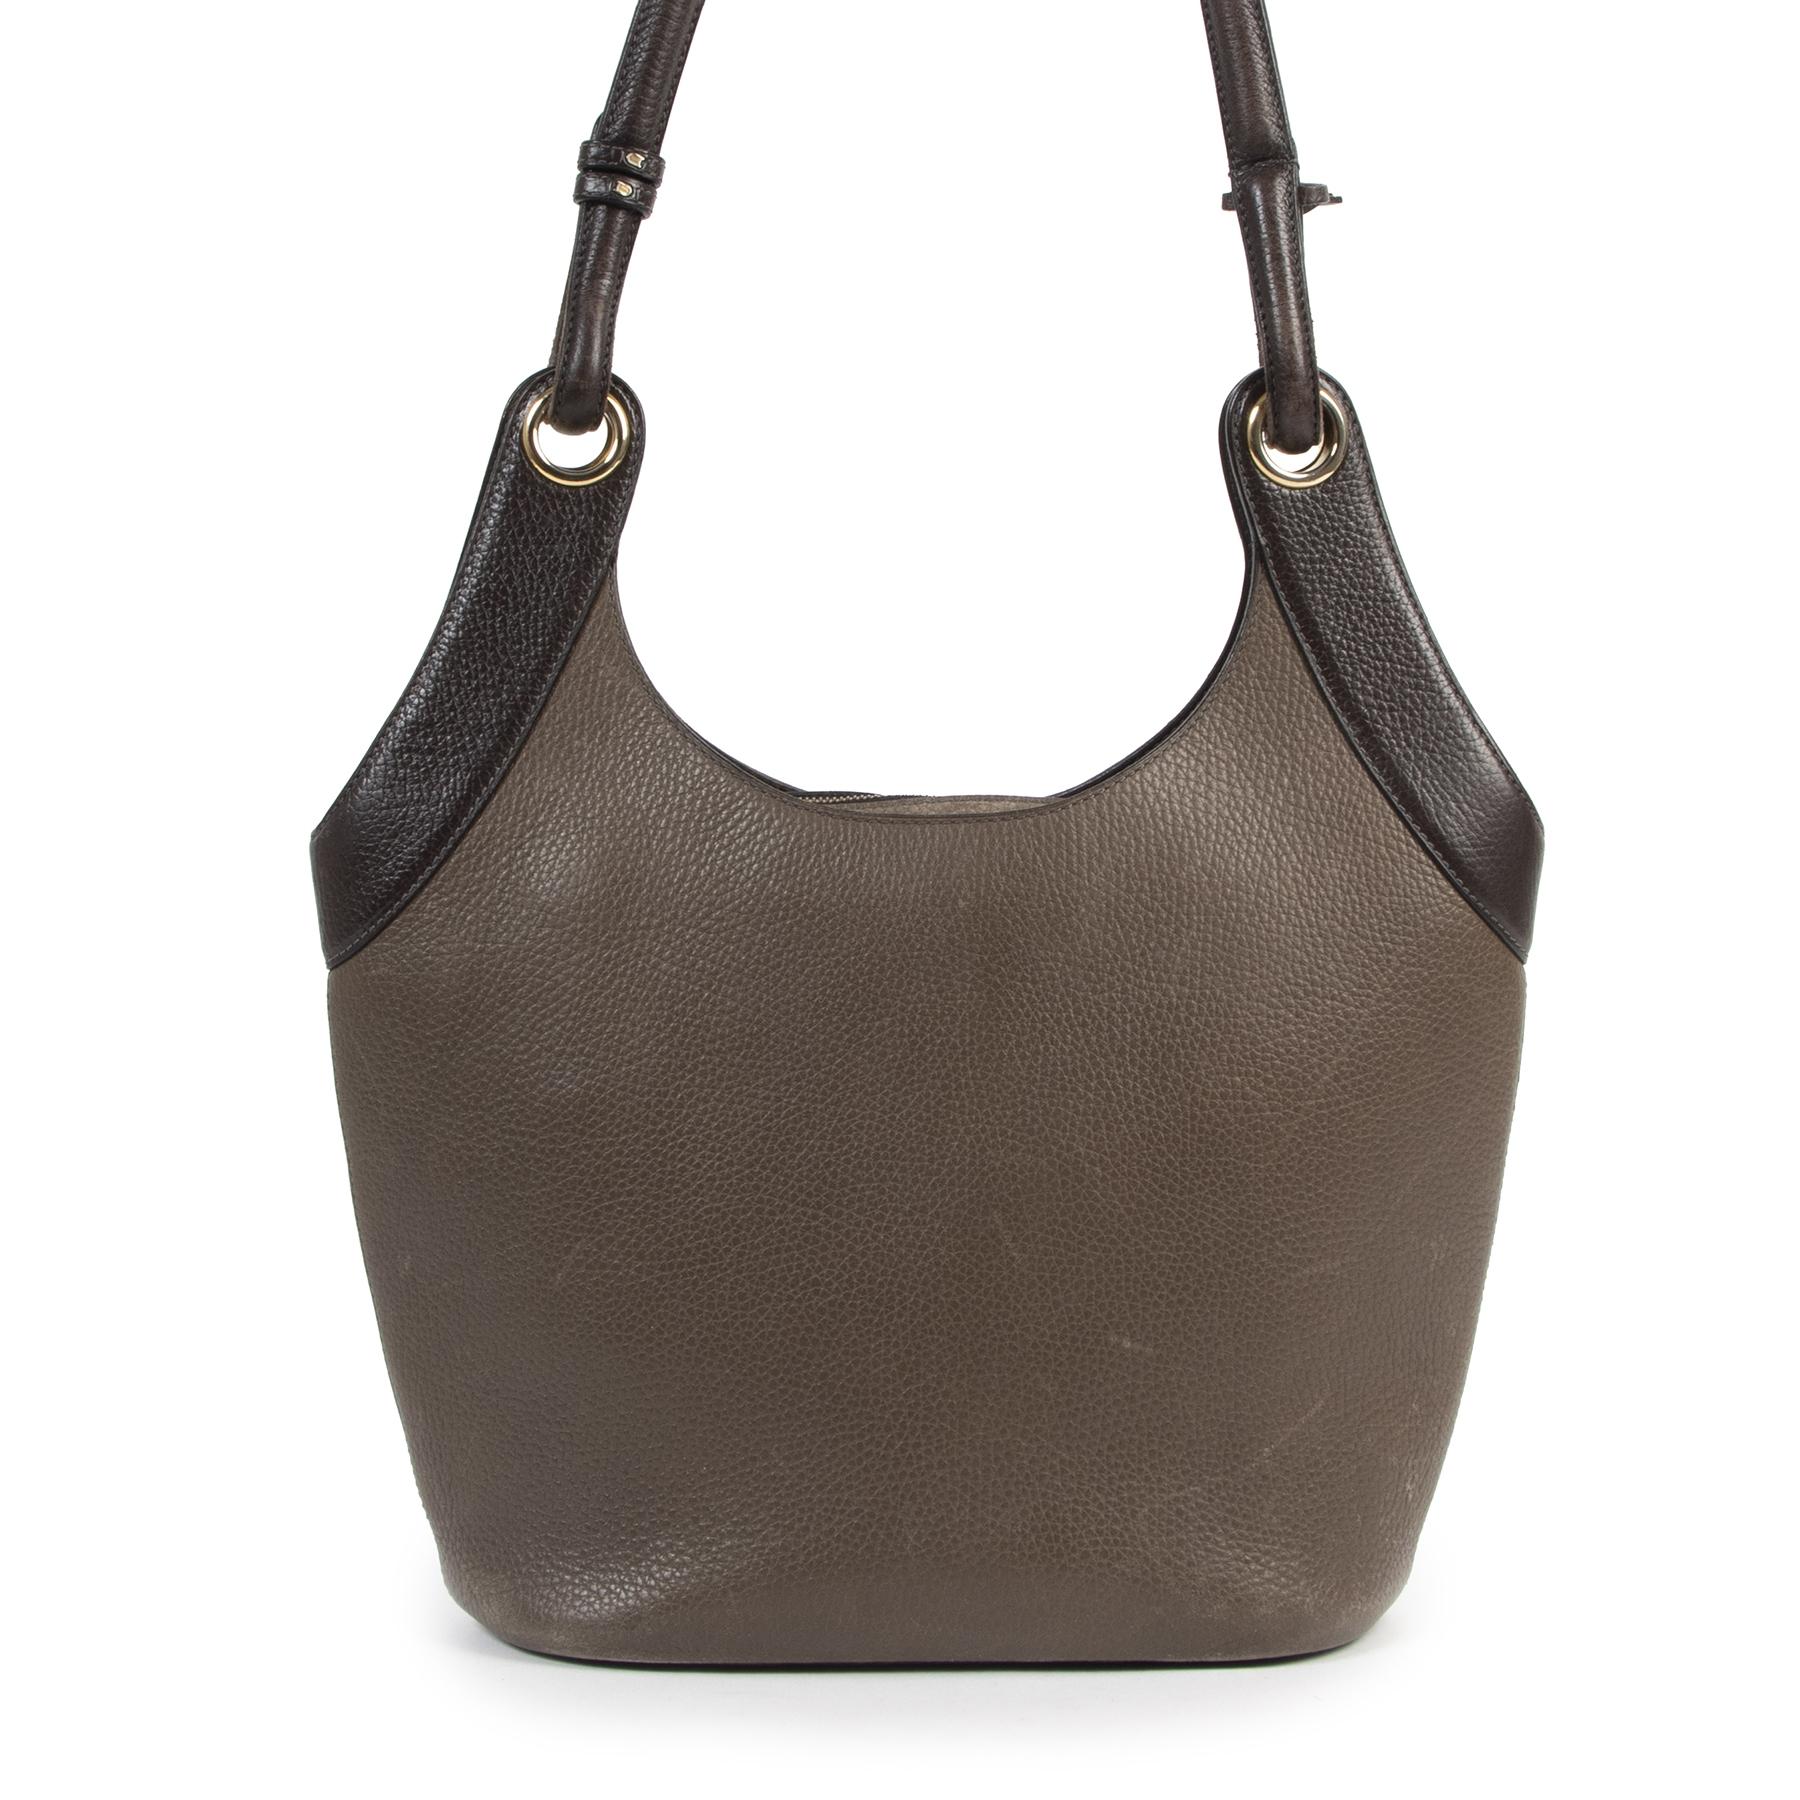 Authentieke Tweedehands Delvaux Taupe Leather Shoulder Bag juiste prijs veilig online shoppen luxe merken webshop winkelen Antwerpen België mode fashion